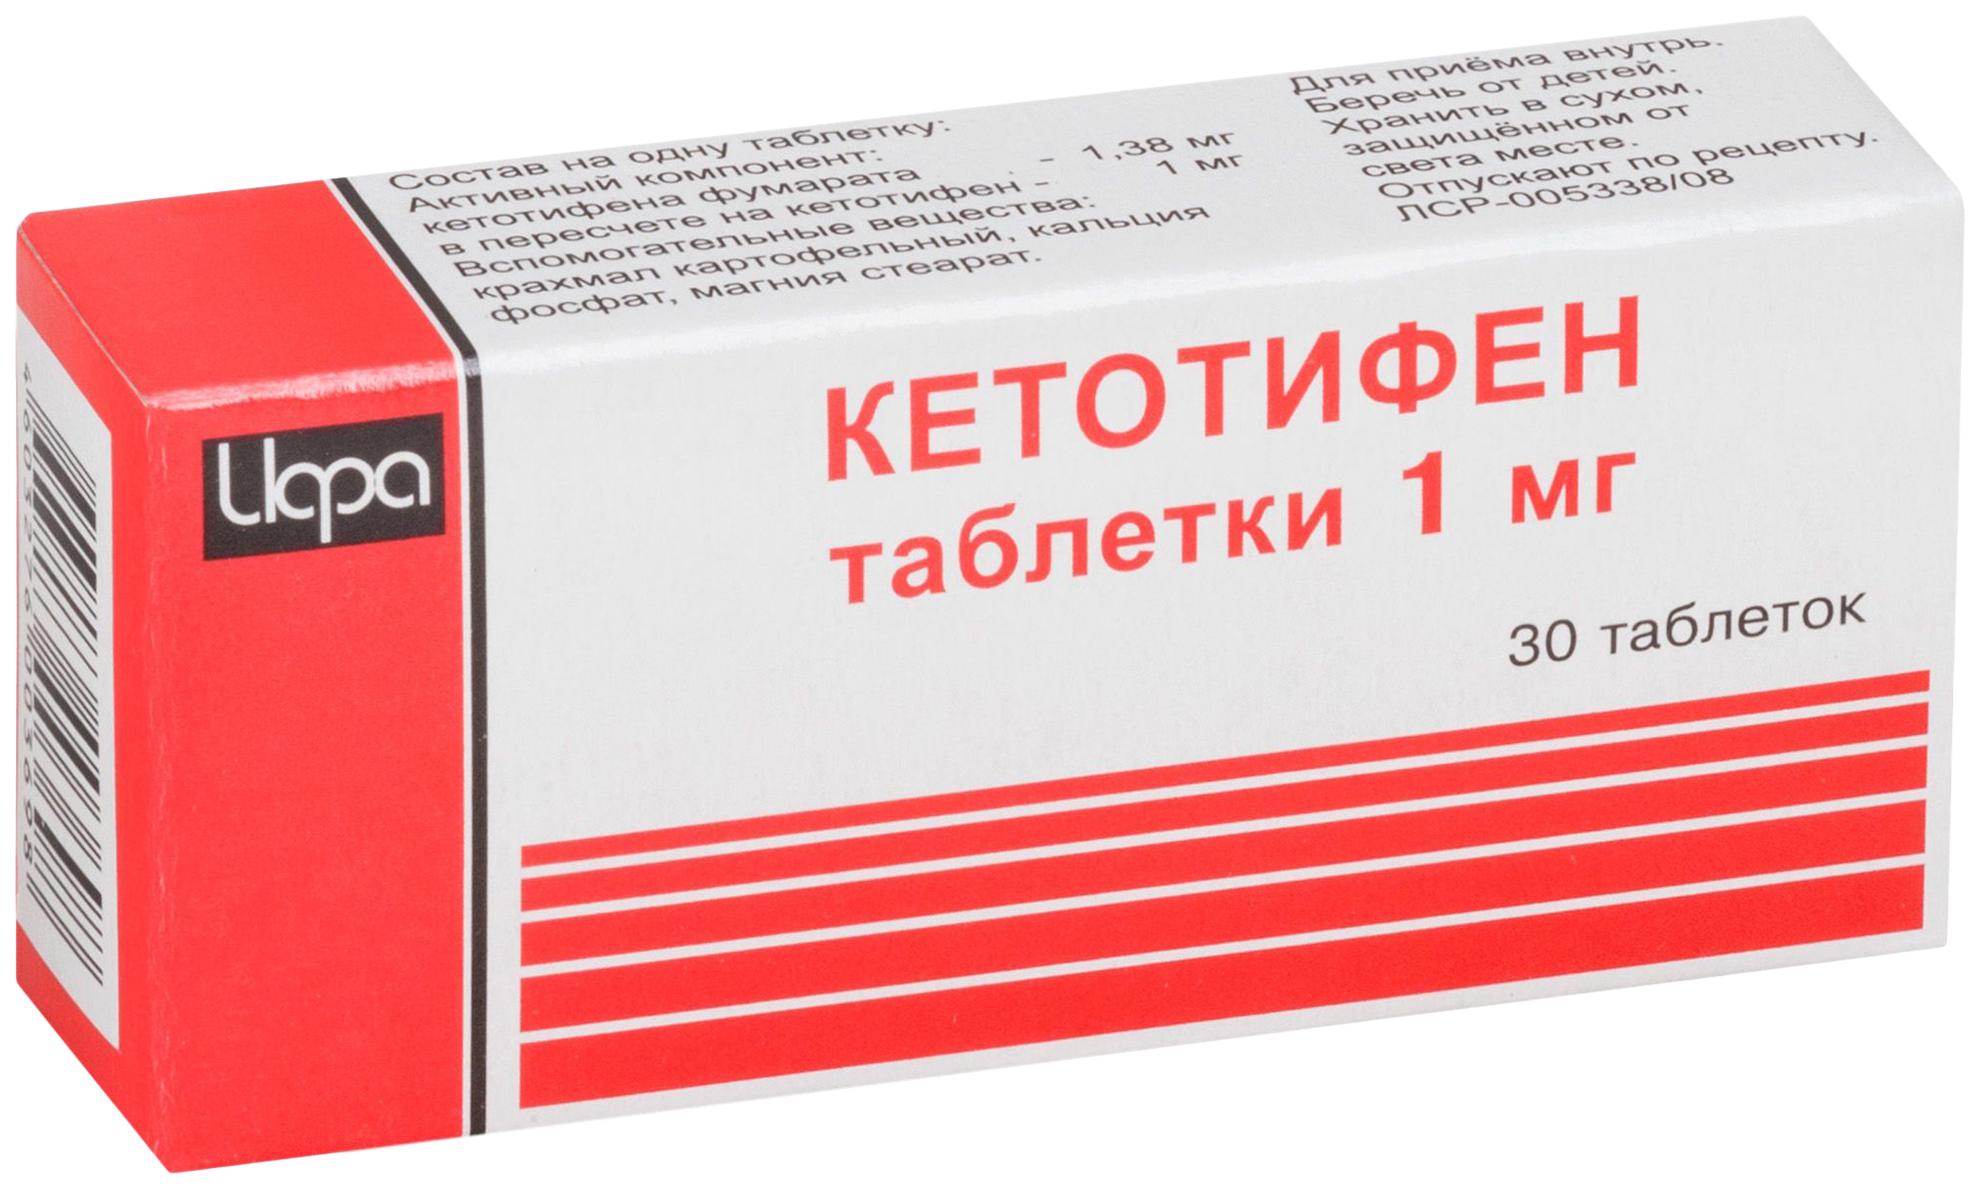 Кетотифен таблетки 1 мг №30